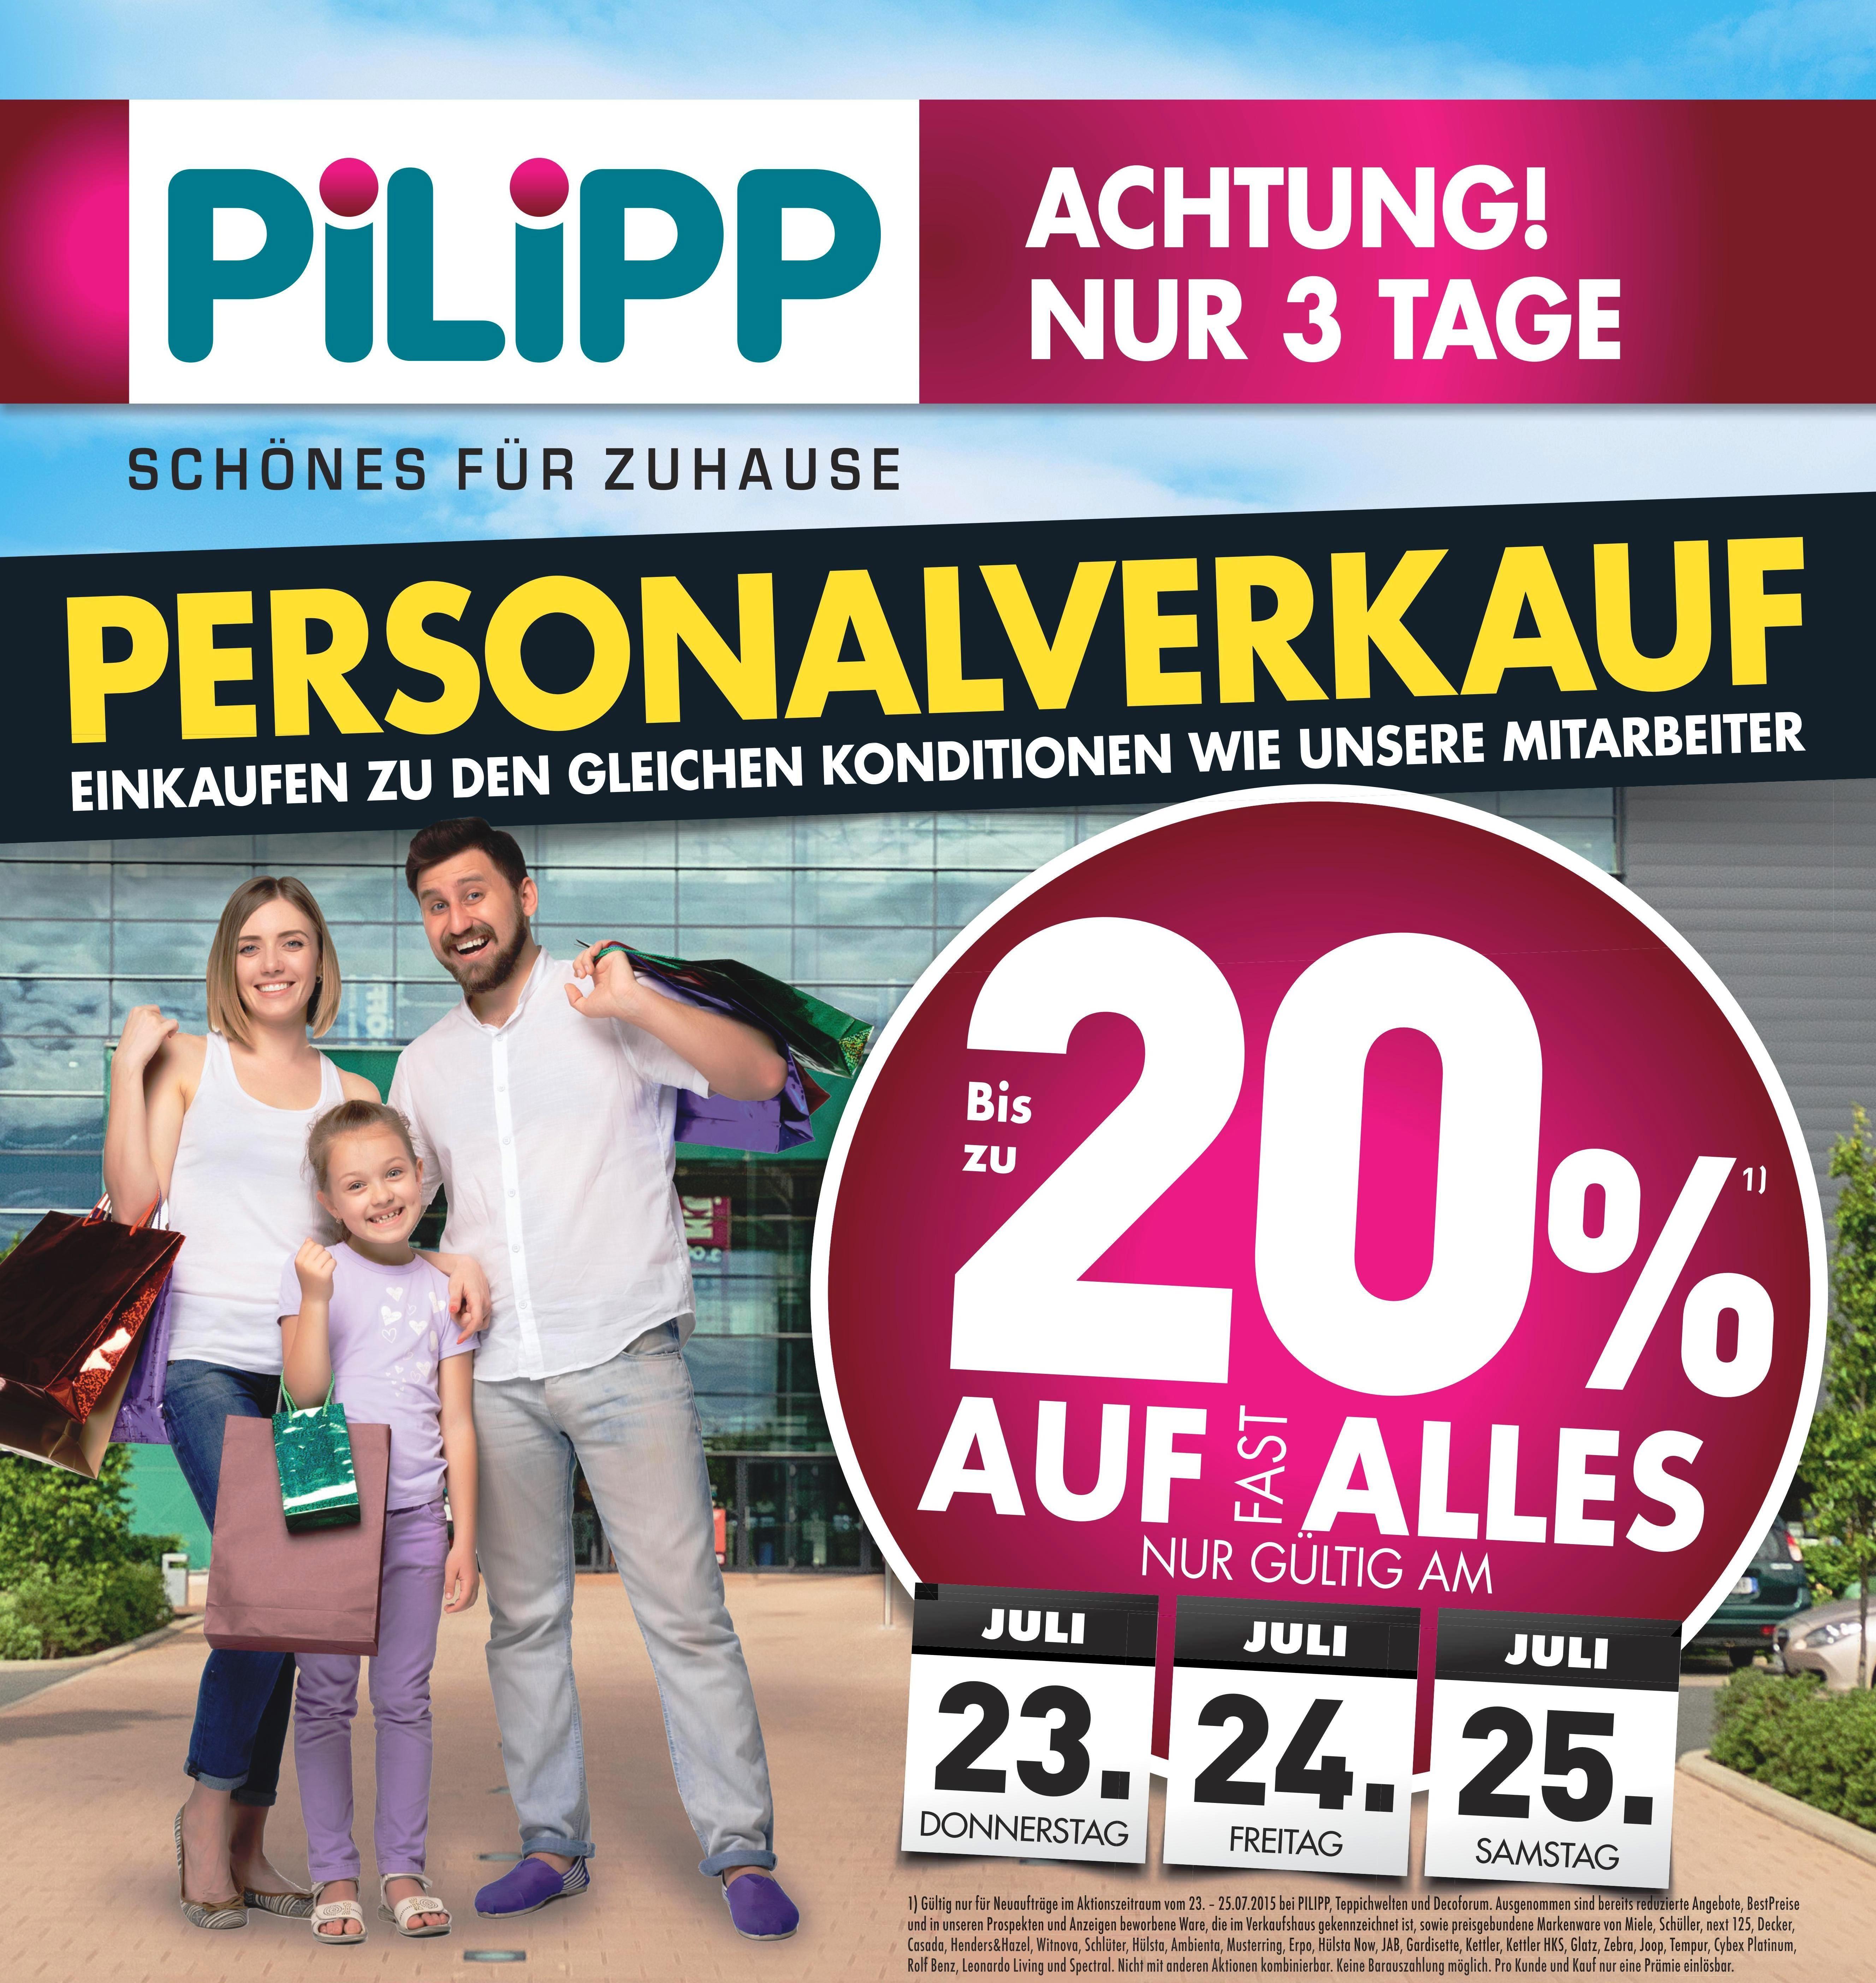 Unique VERKAUFSOFFENER SONNTAG bei Ihrem Eintrichtungscenter Pilipp in BINDLACH bei Bayreuth Aktionen und Gewinnspiele Pinterest